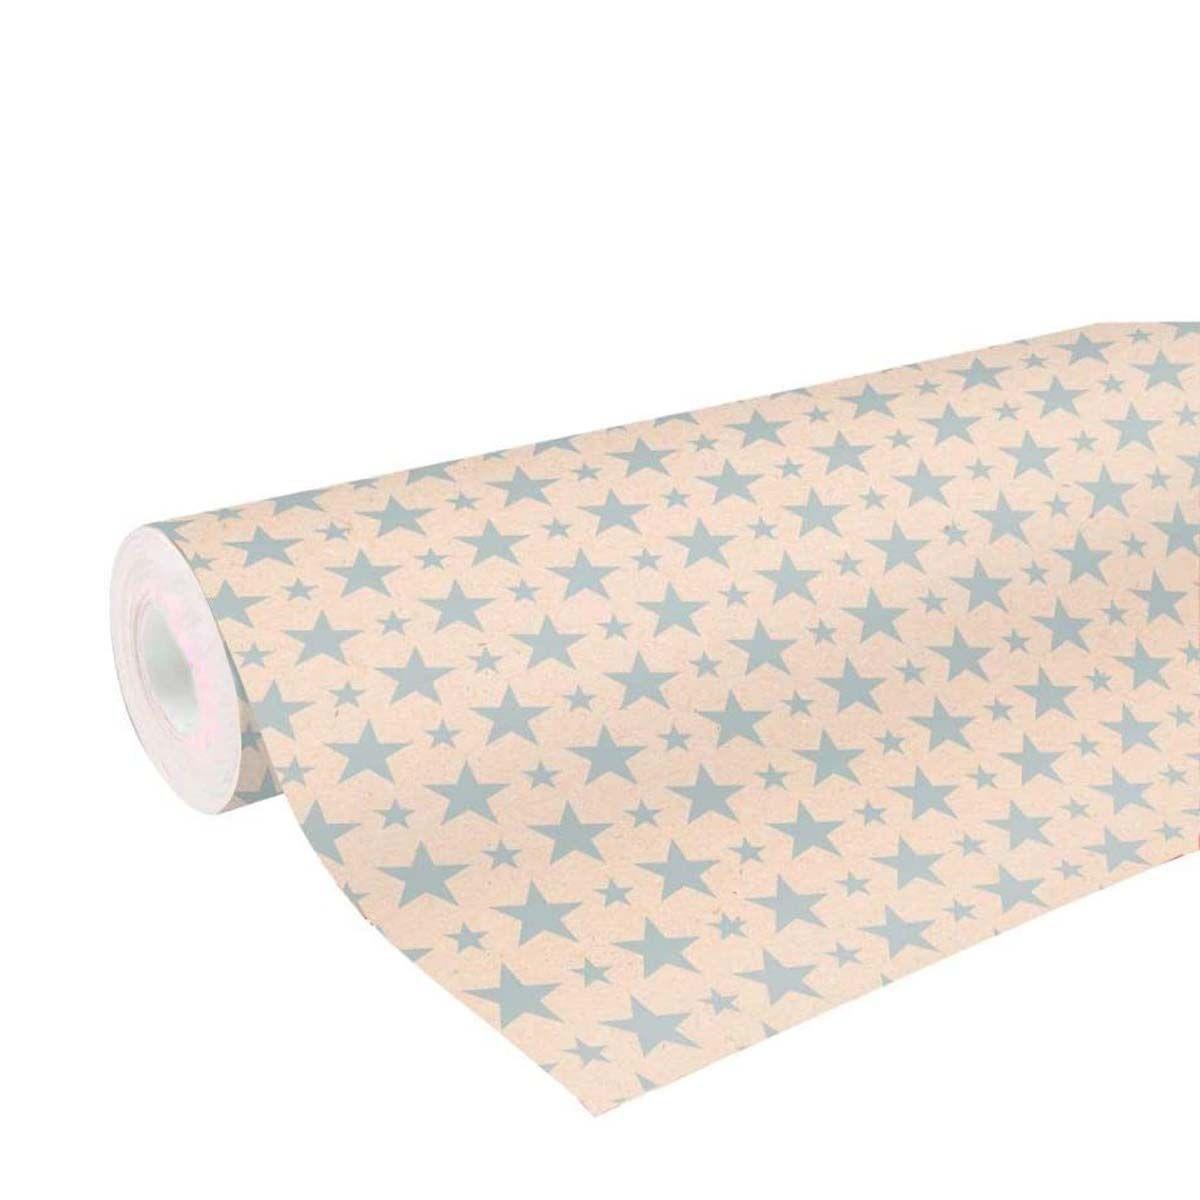 Gros Rouleau De Papier Cadeau Kraft Et Motifs Etoiles 50 Metres On Range Tout